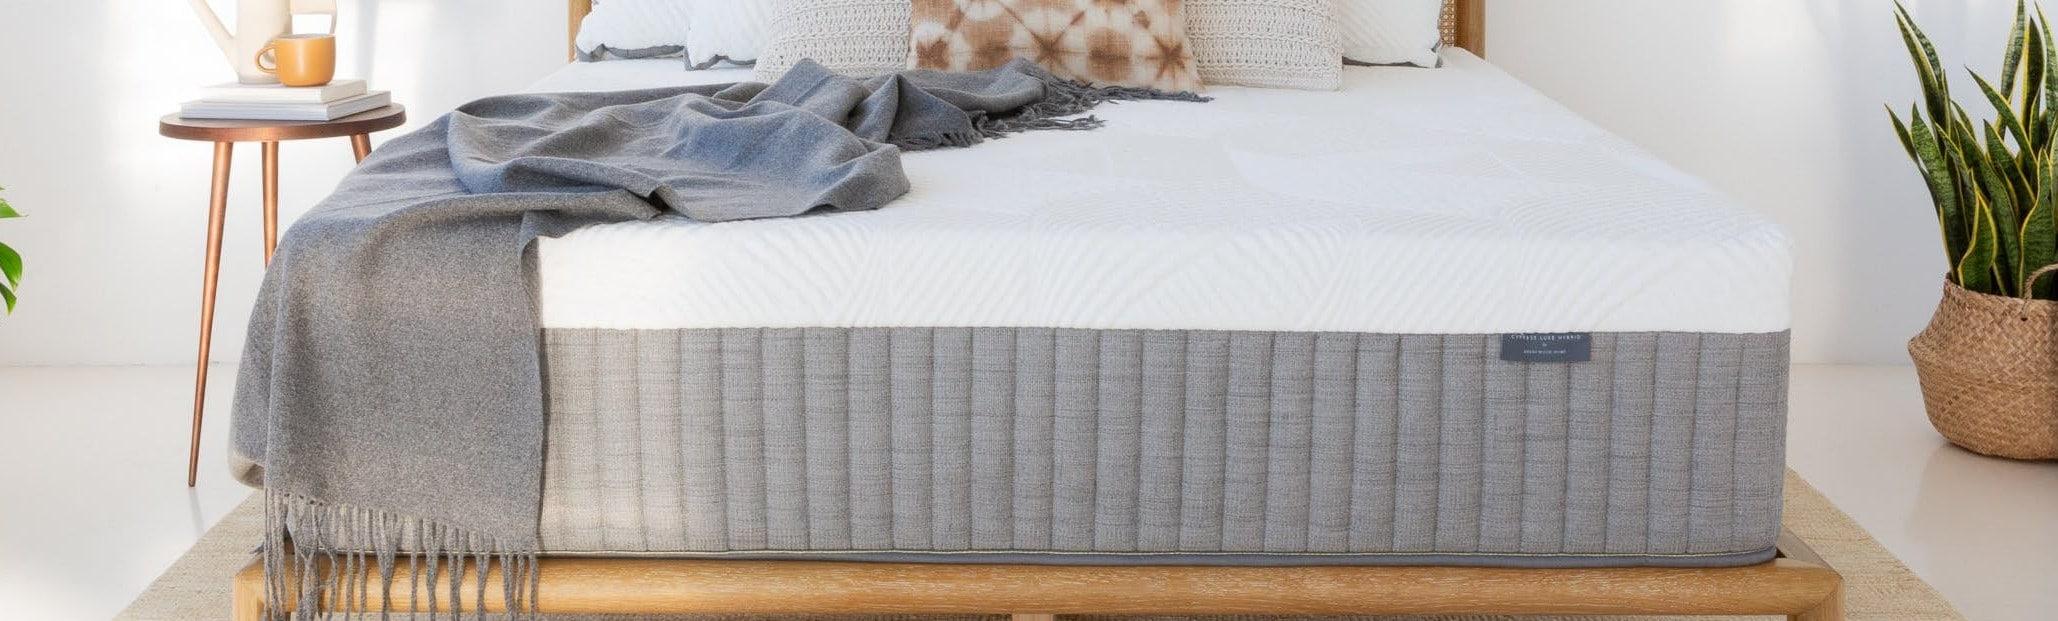 best memory foam mattress on a budget